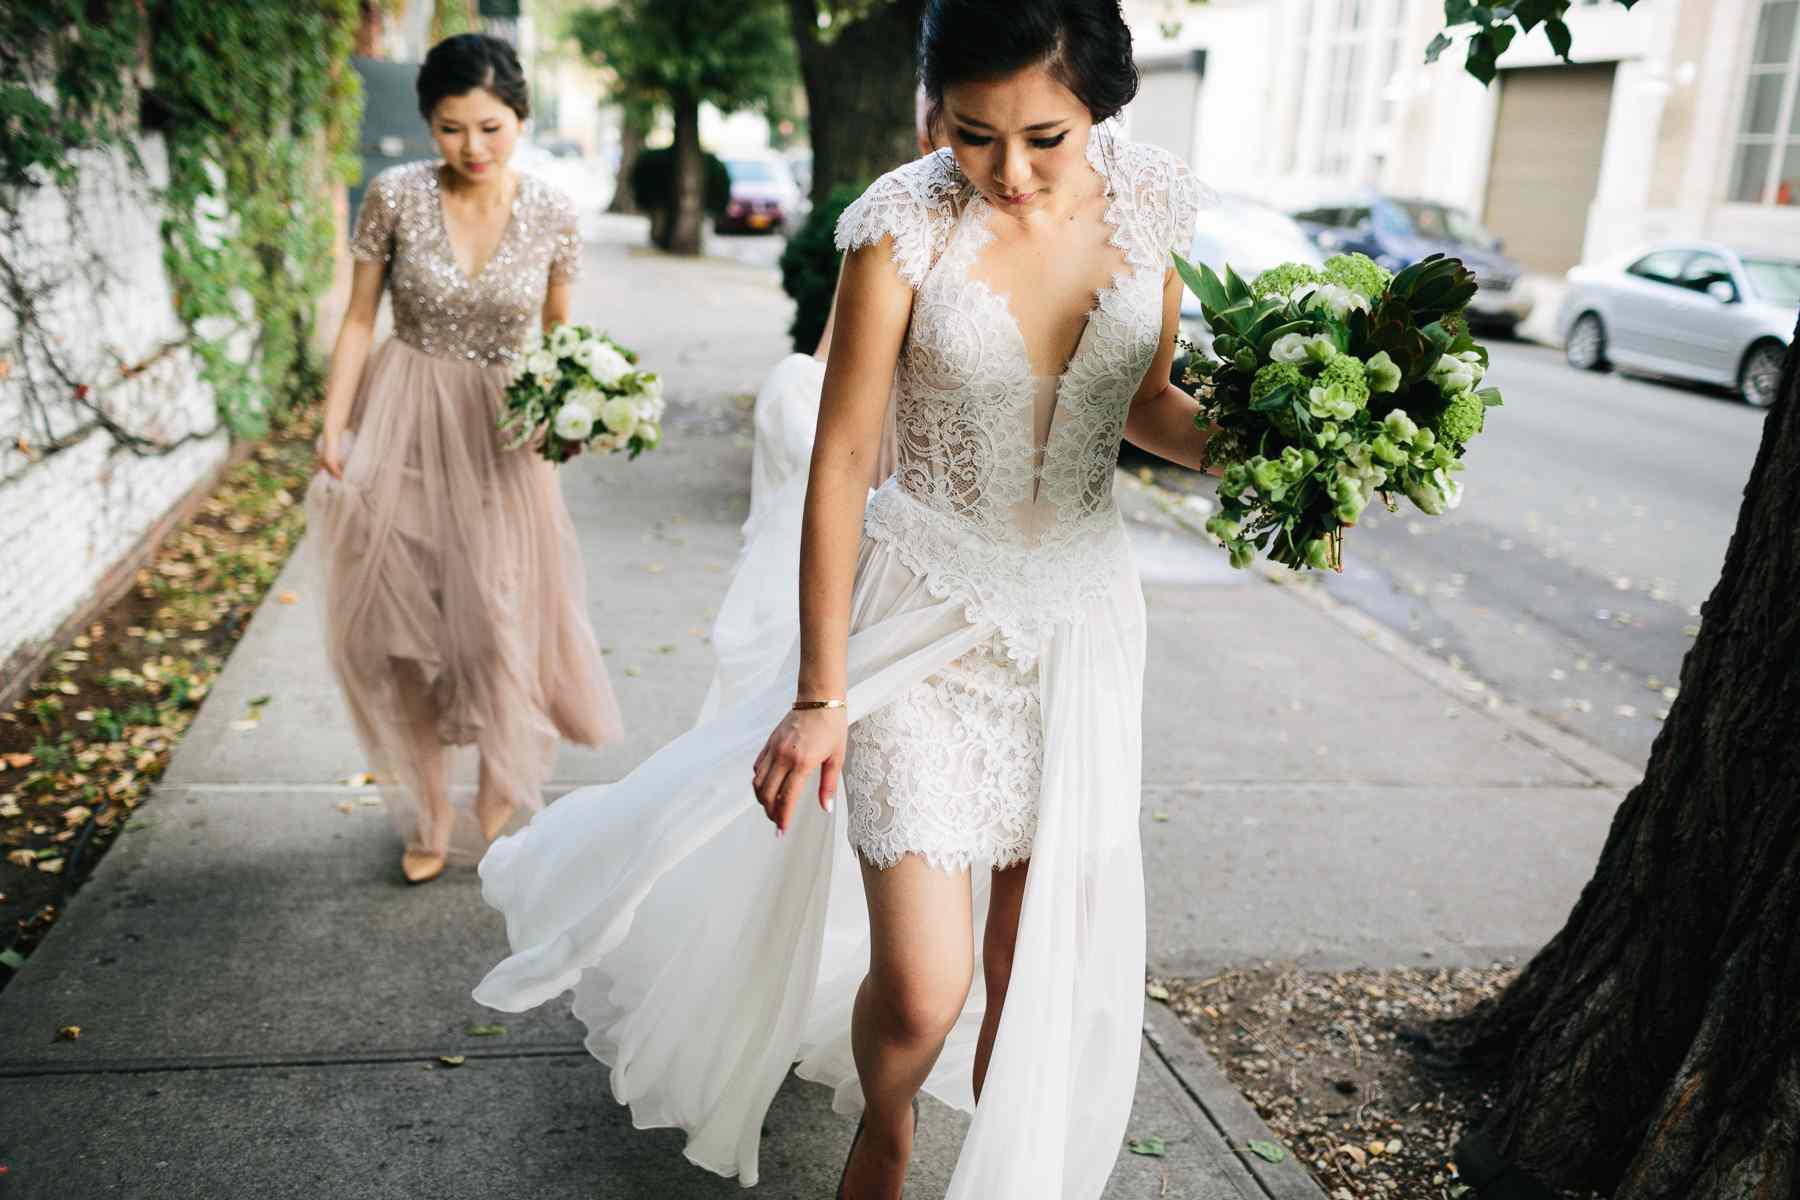 Bride walking with bridesmaid